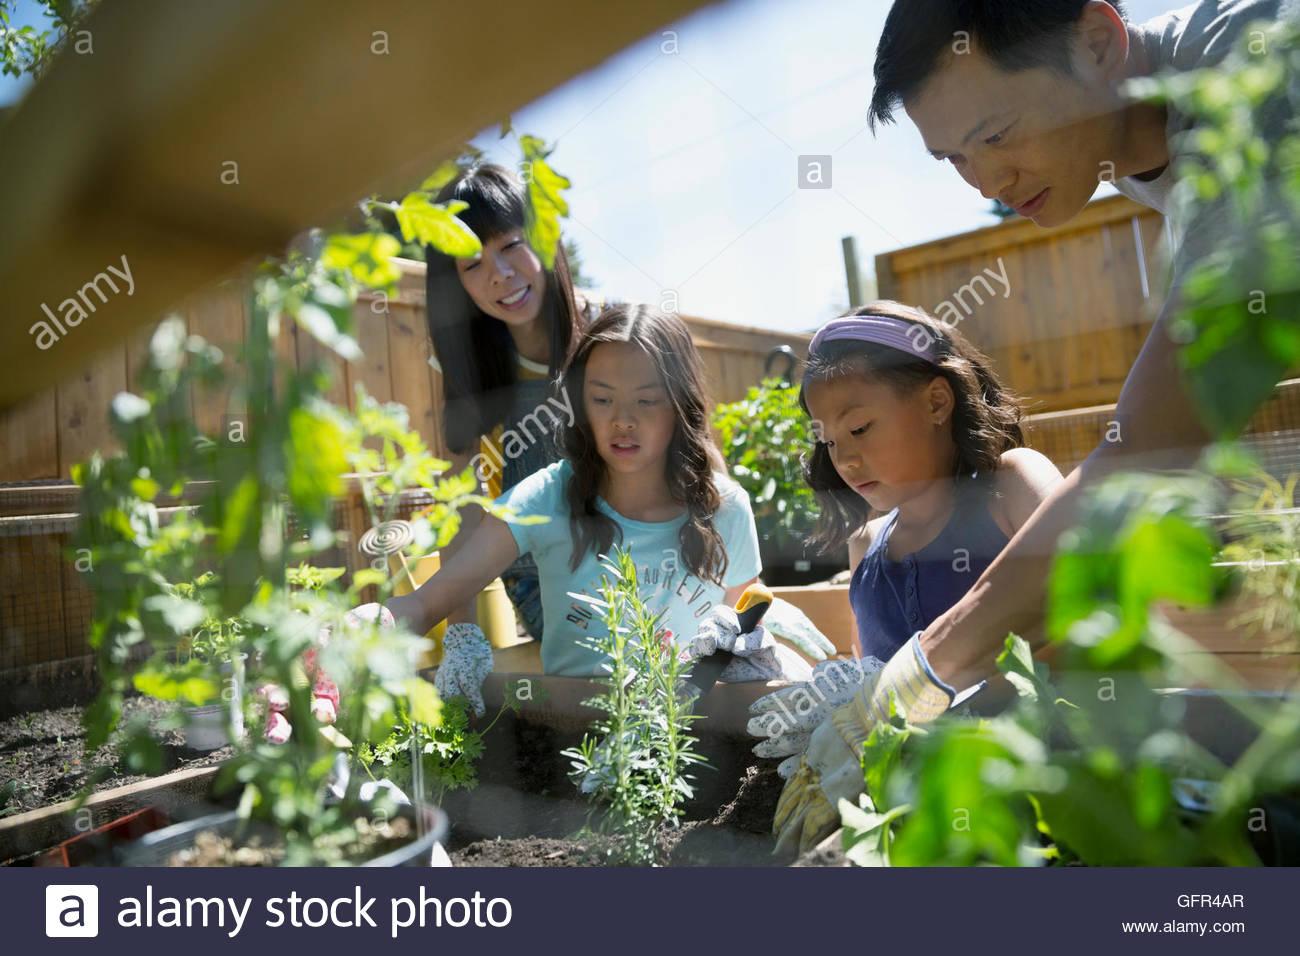 Familia plantar hierbas en el soleado jardín Imagen De Stock